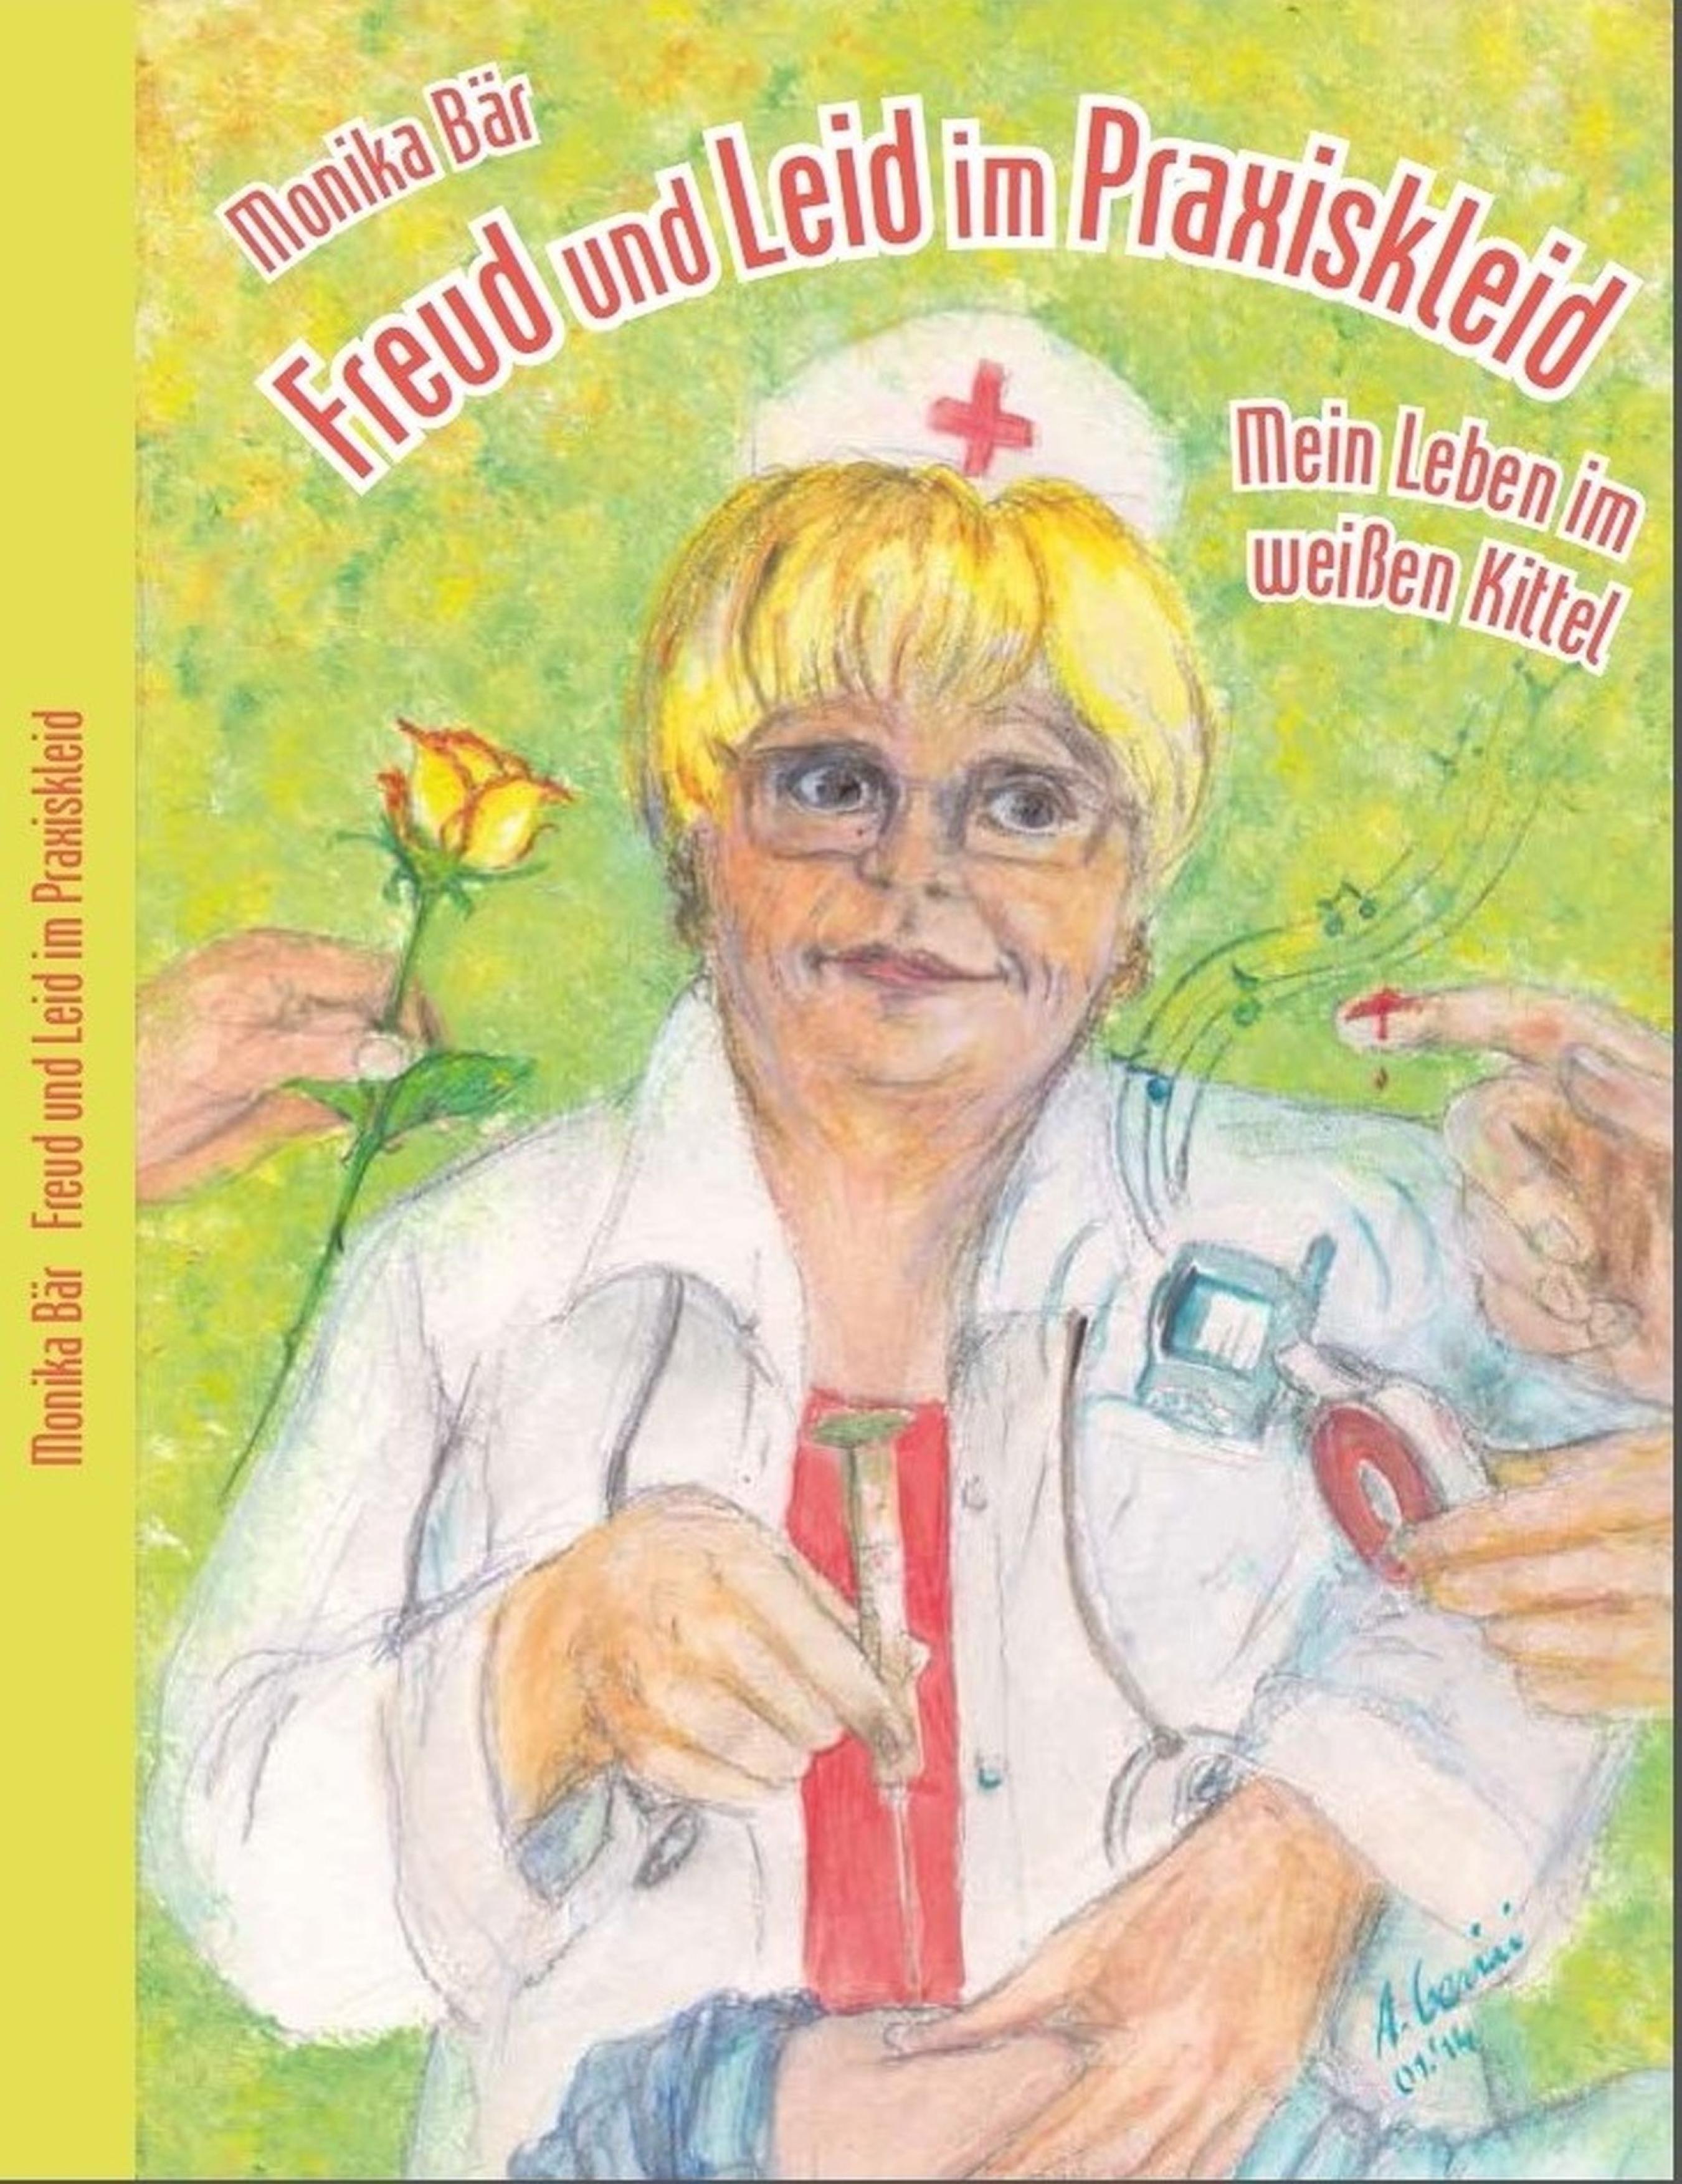 Monika Bar Freud und Leid im Praxiskleid цена